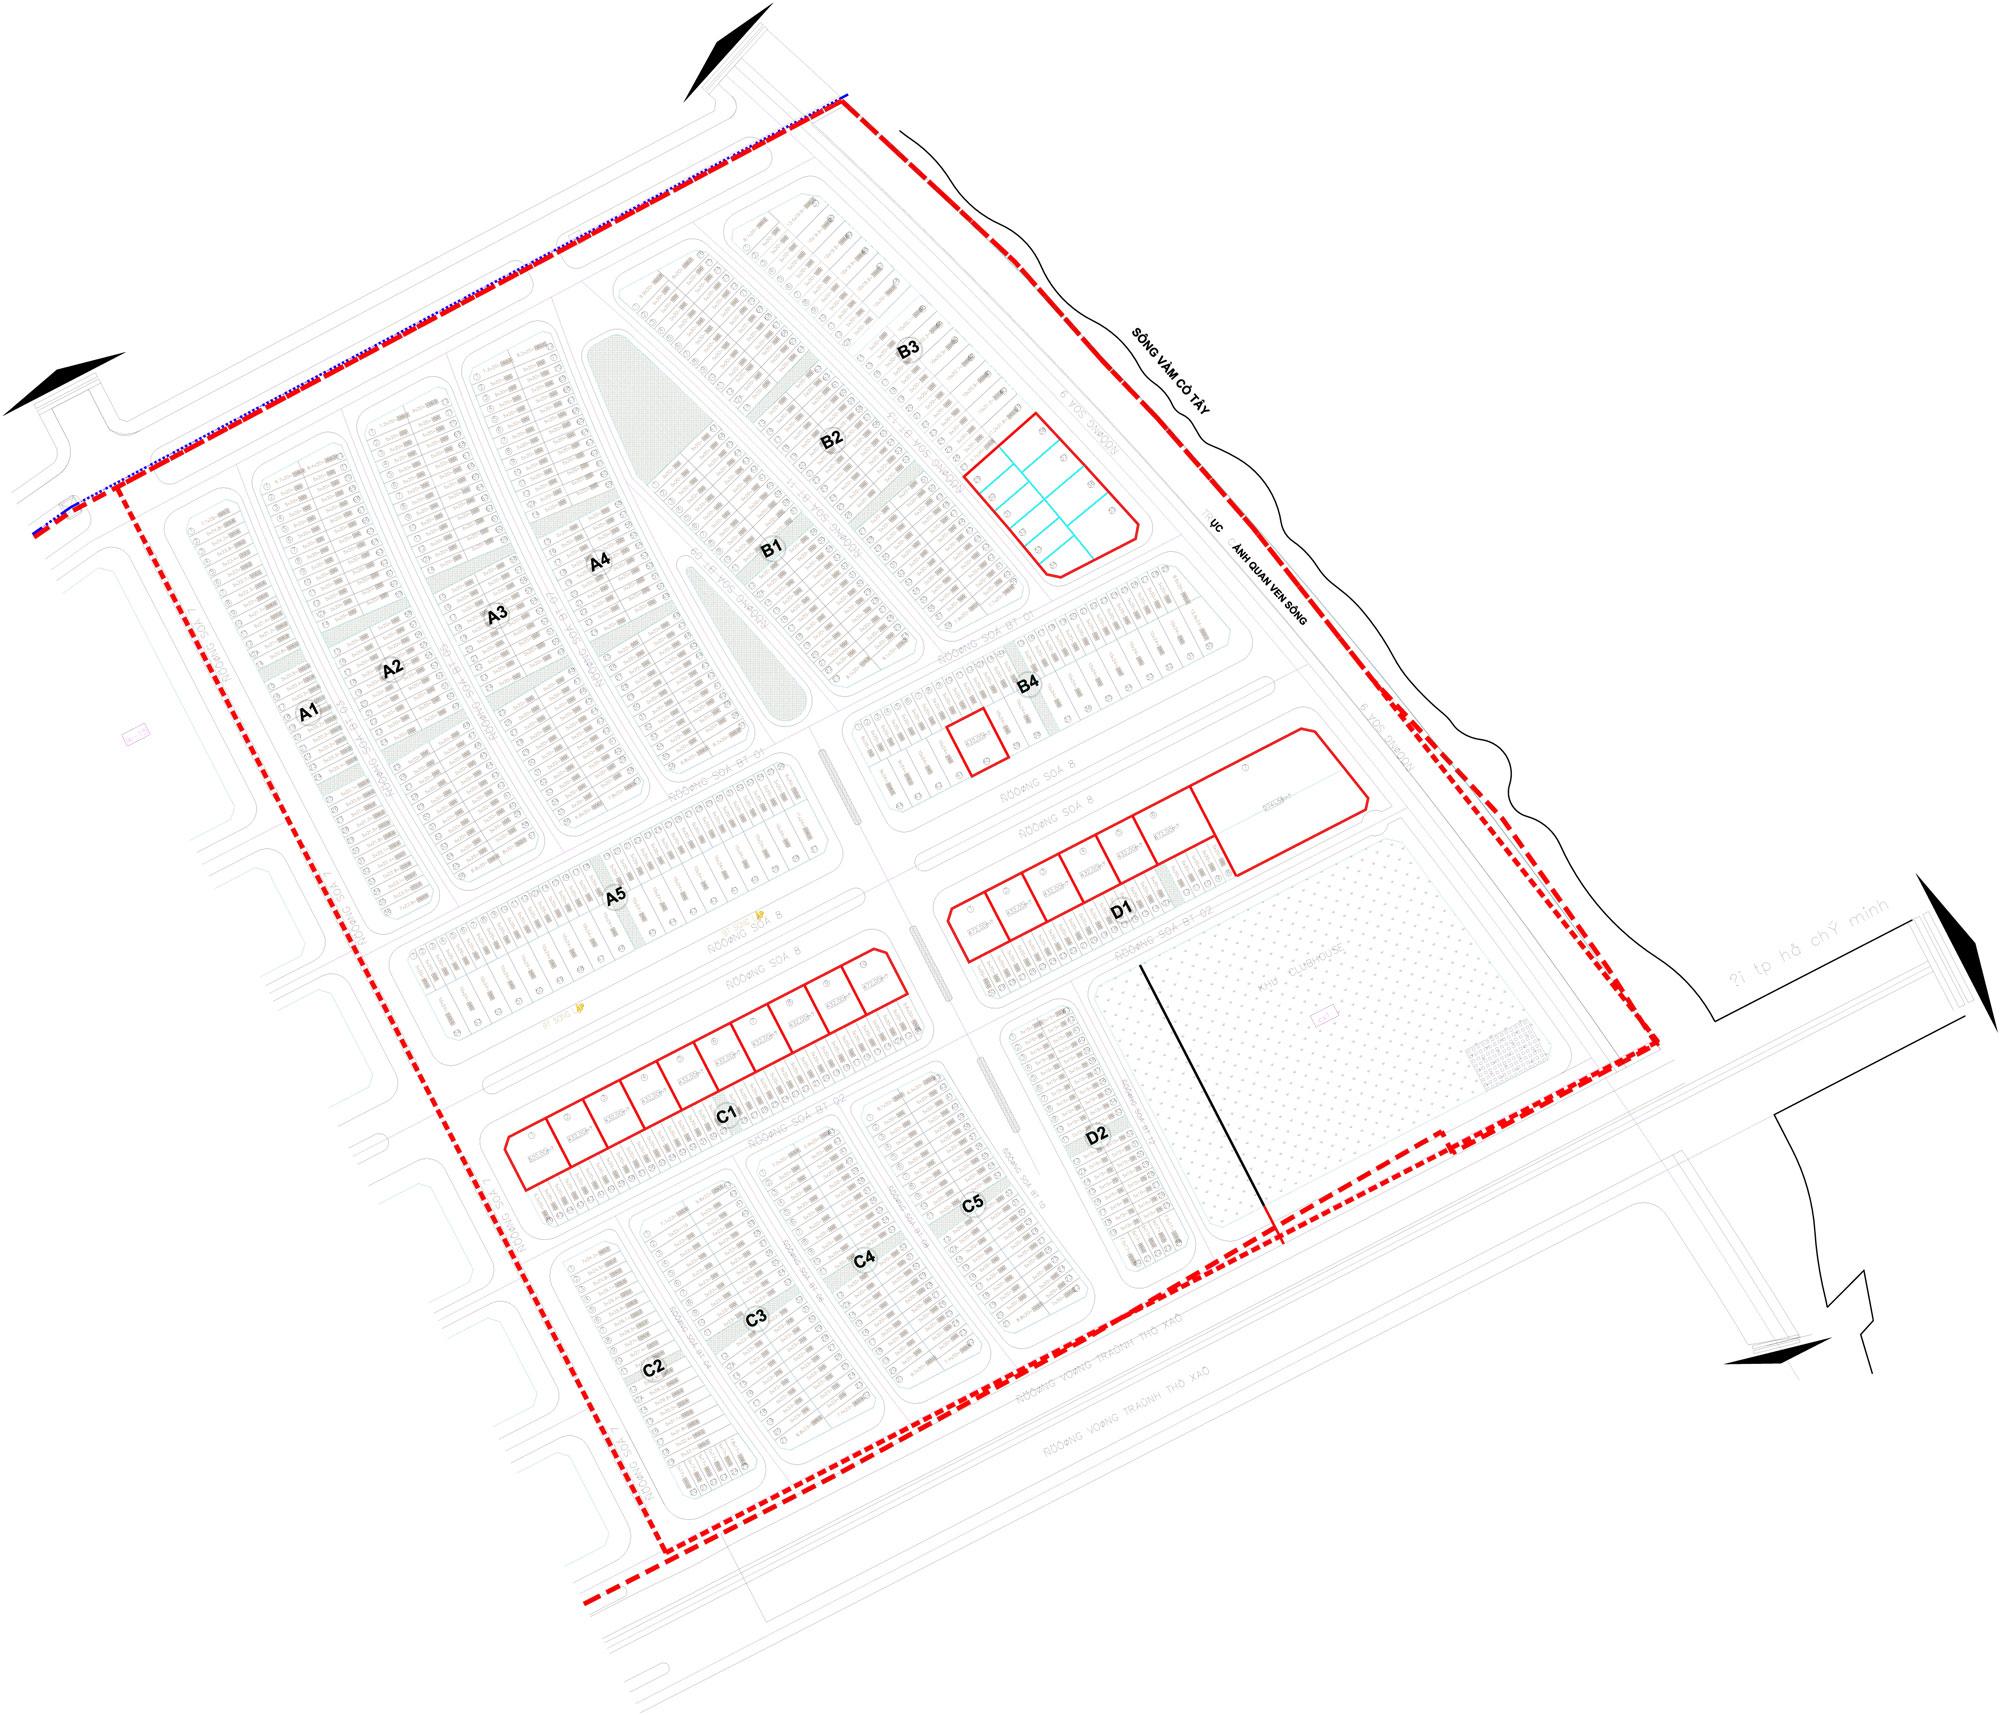 Mặt bằng phân lô dự án Lavilla Green City tỉnh Long An